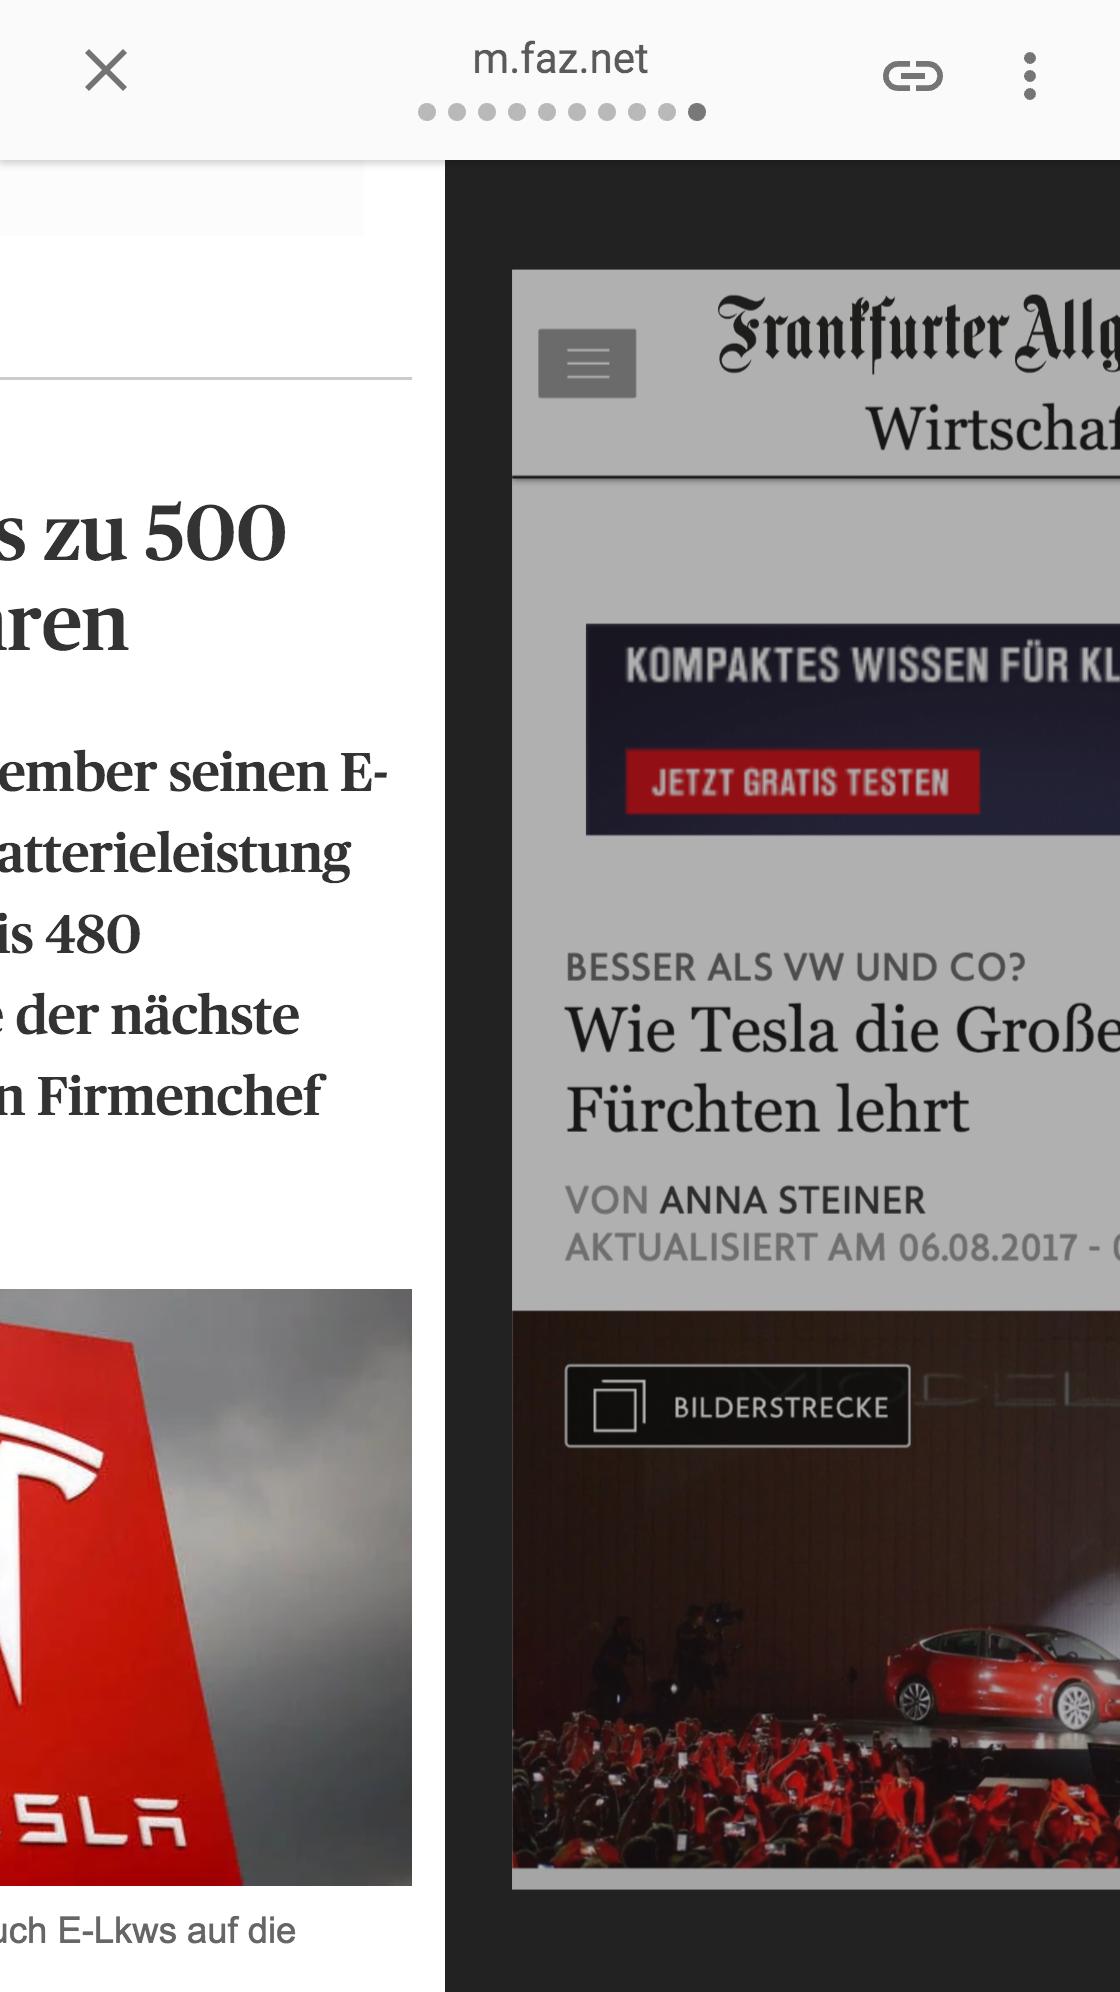 Google AMP-Ansicht zwischen zwei News-Beiträgen verschiedener Publischer durch einen Swipe.